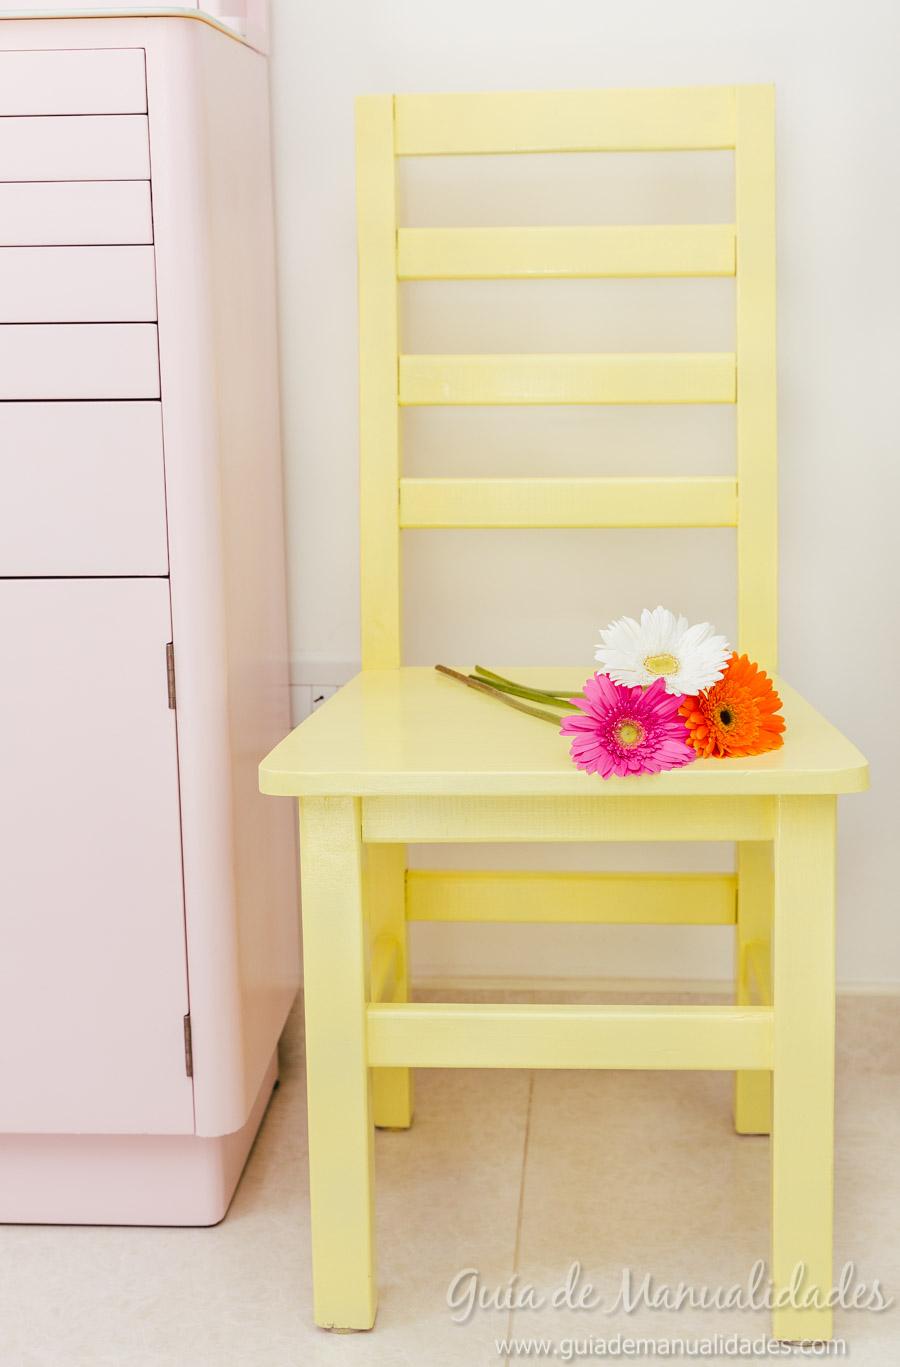 Mi nueva silla para la habitaci n de manualidades gu a de manualidades - Manualidades para la habitacion ...